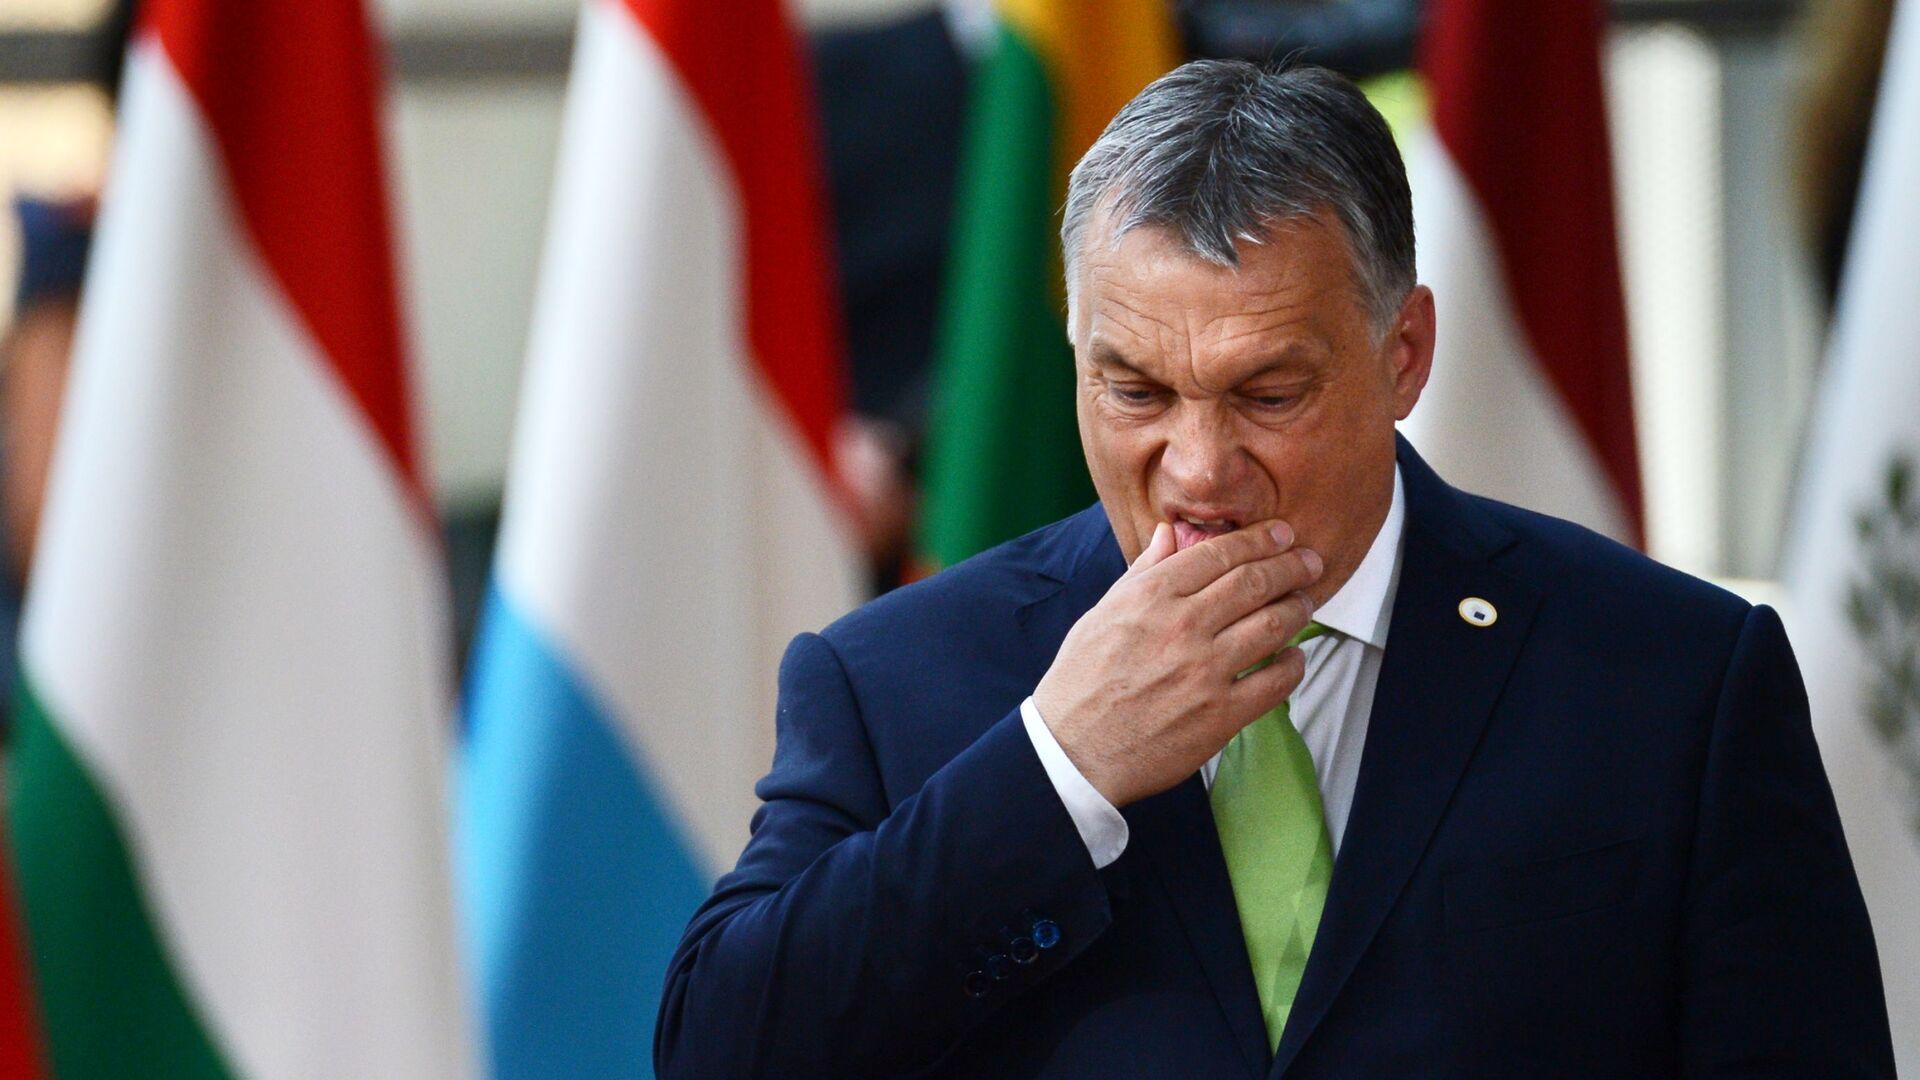 Premier Węgier Viktor Orban - Sputnik Polska, 1920, 18.07.2021